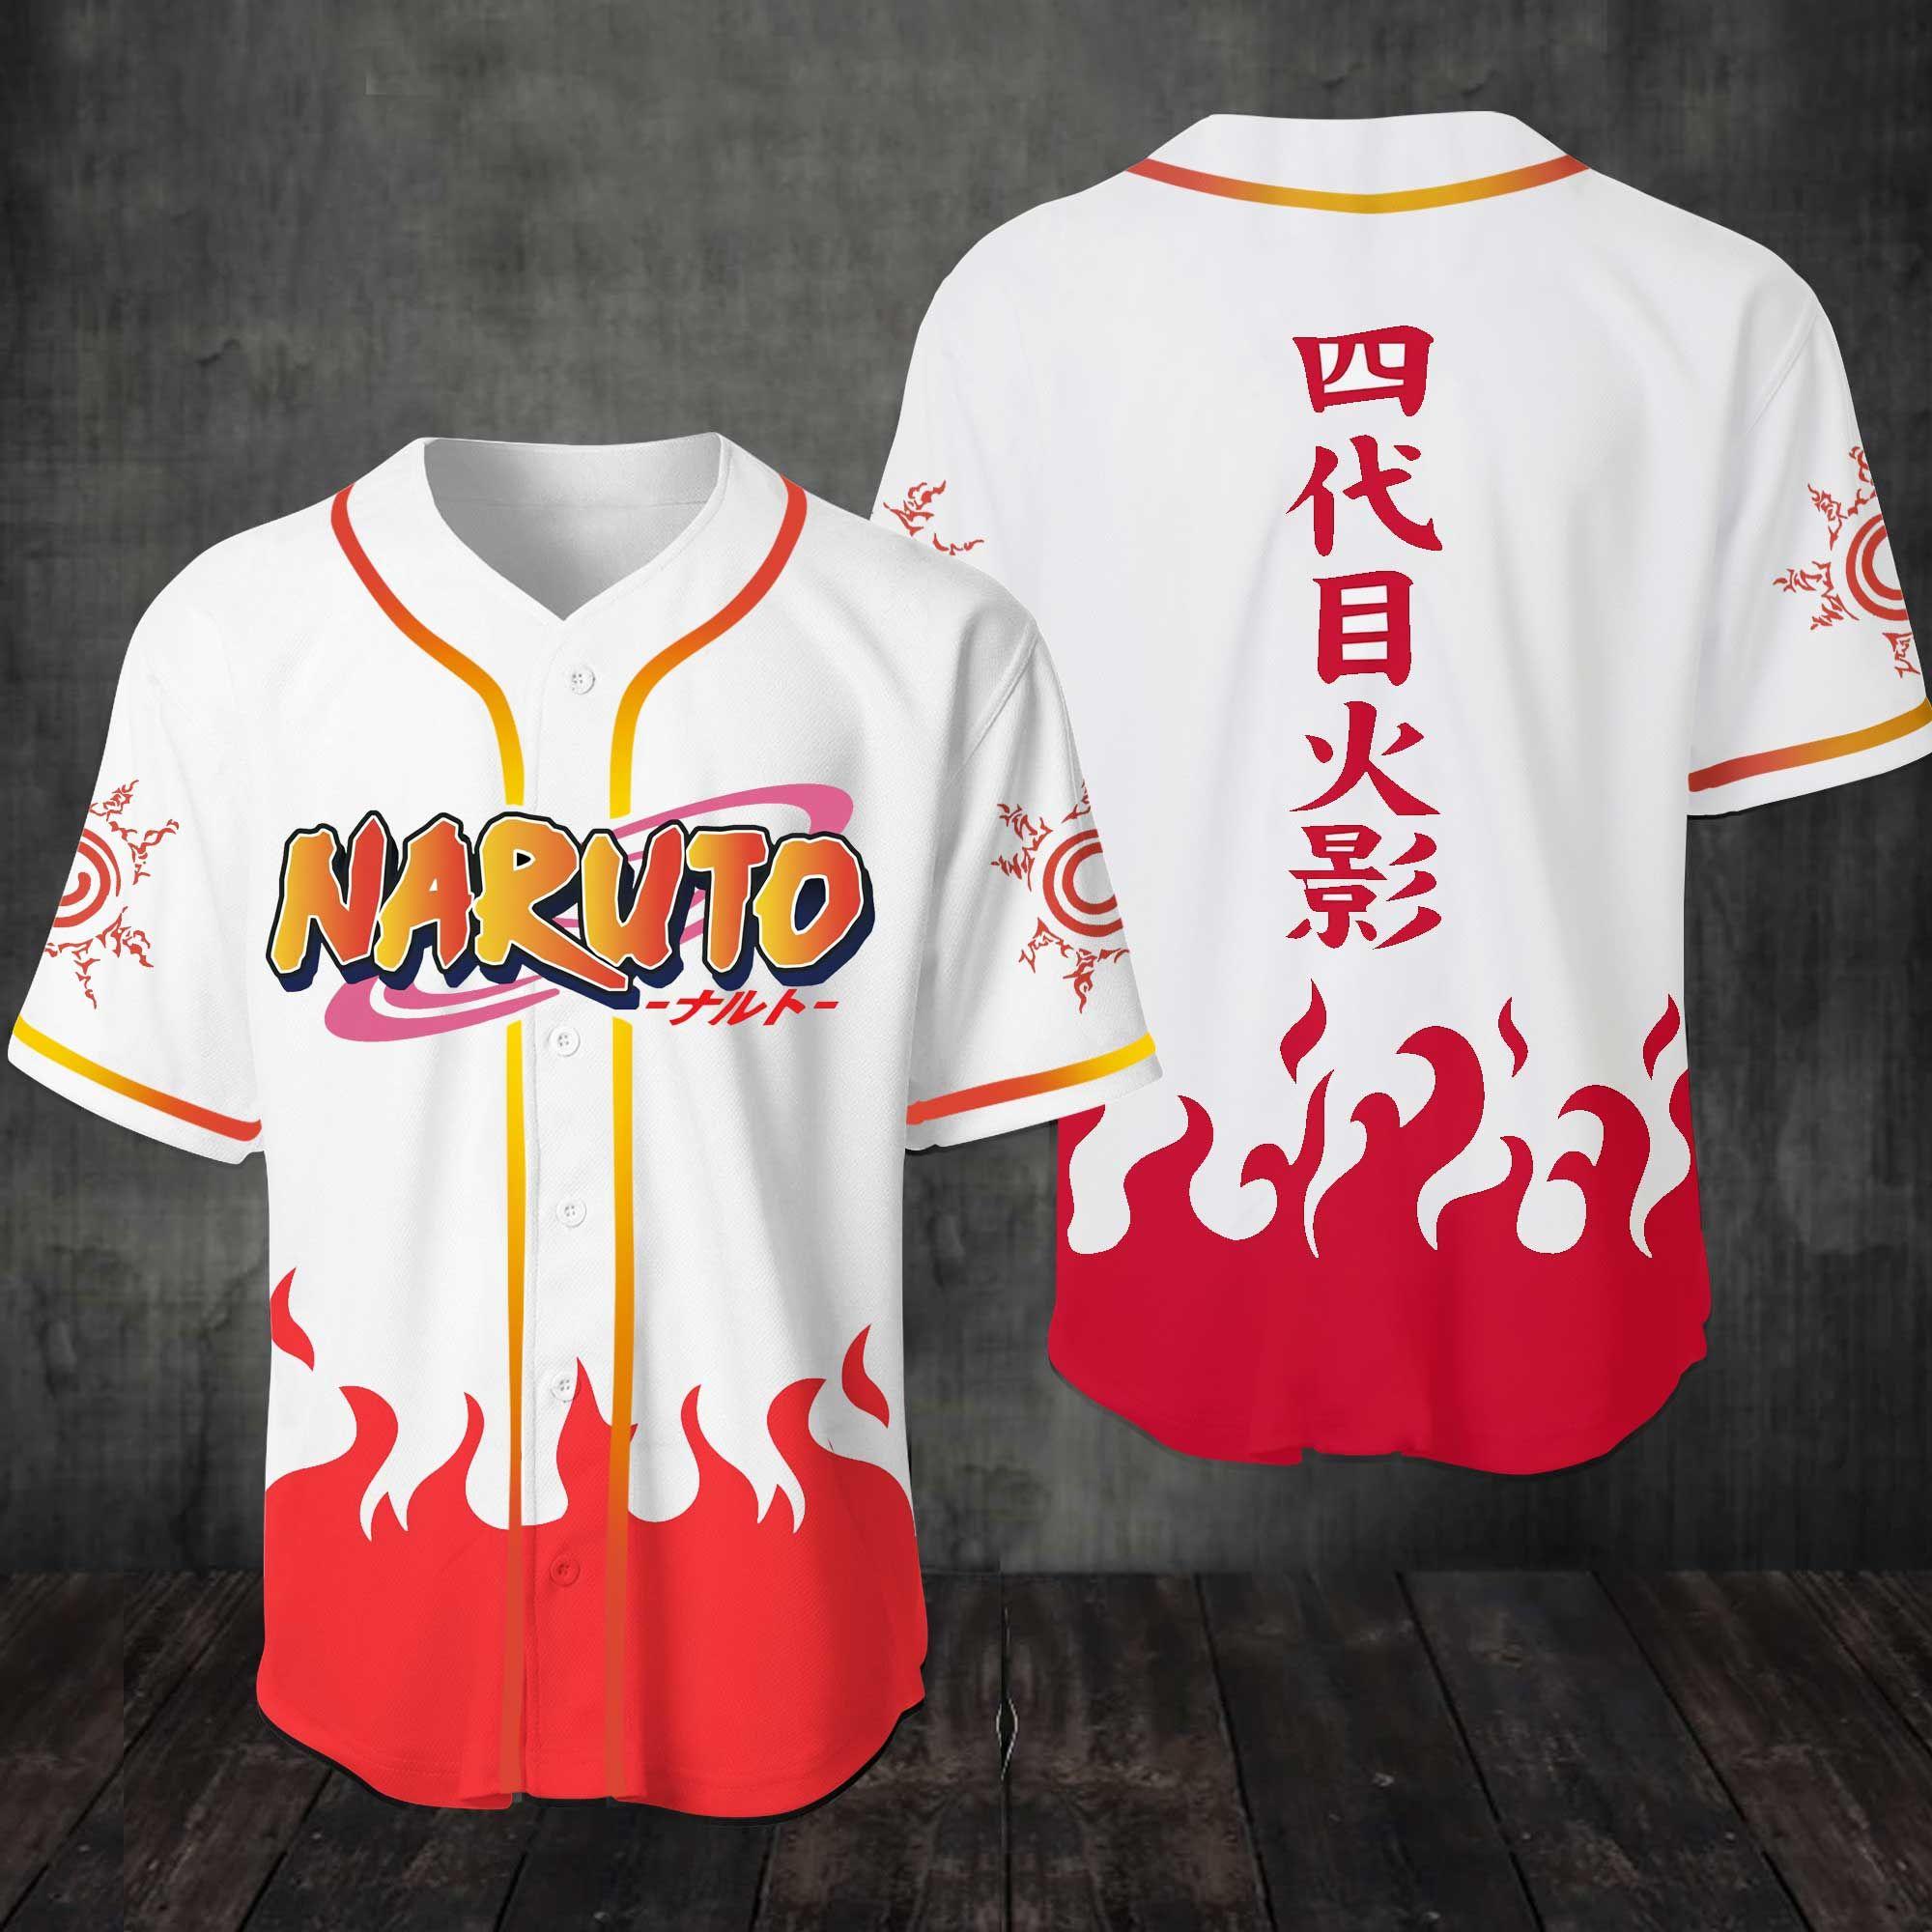 Naruto Konoha Fire of Will Baseball Jersey Shirt